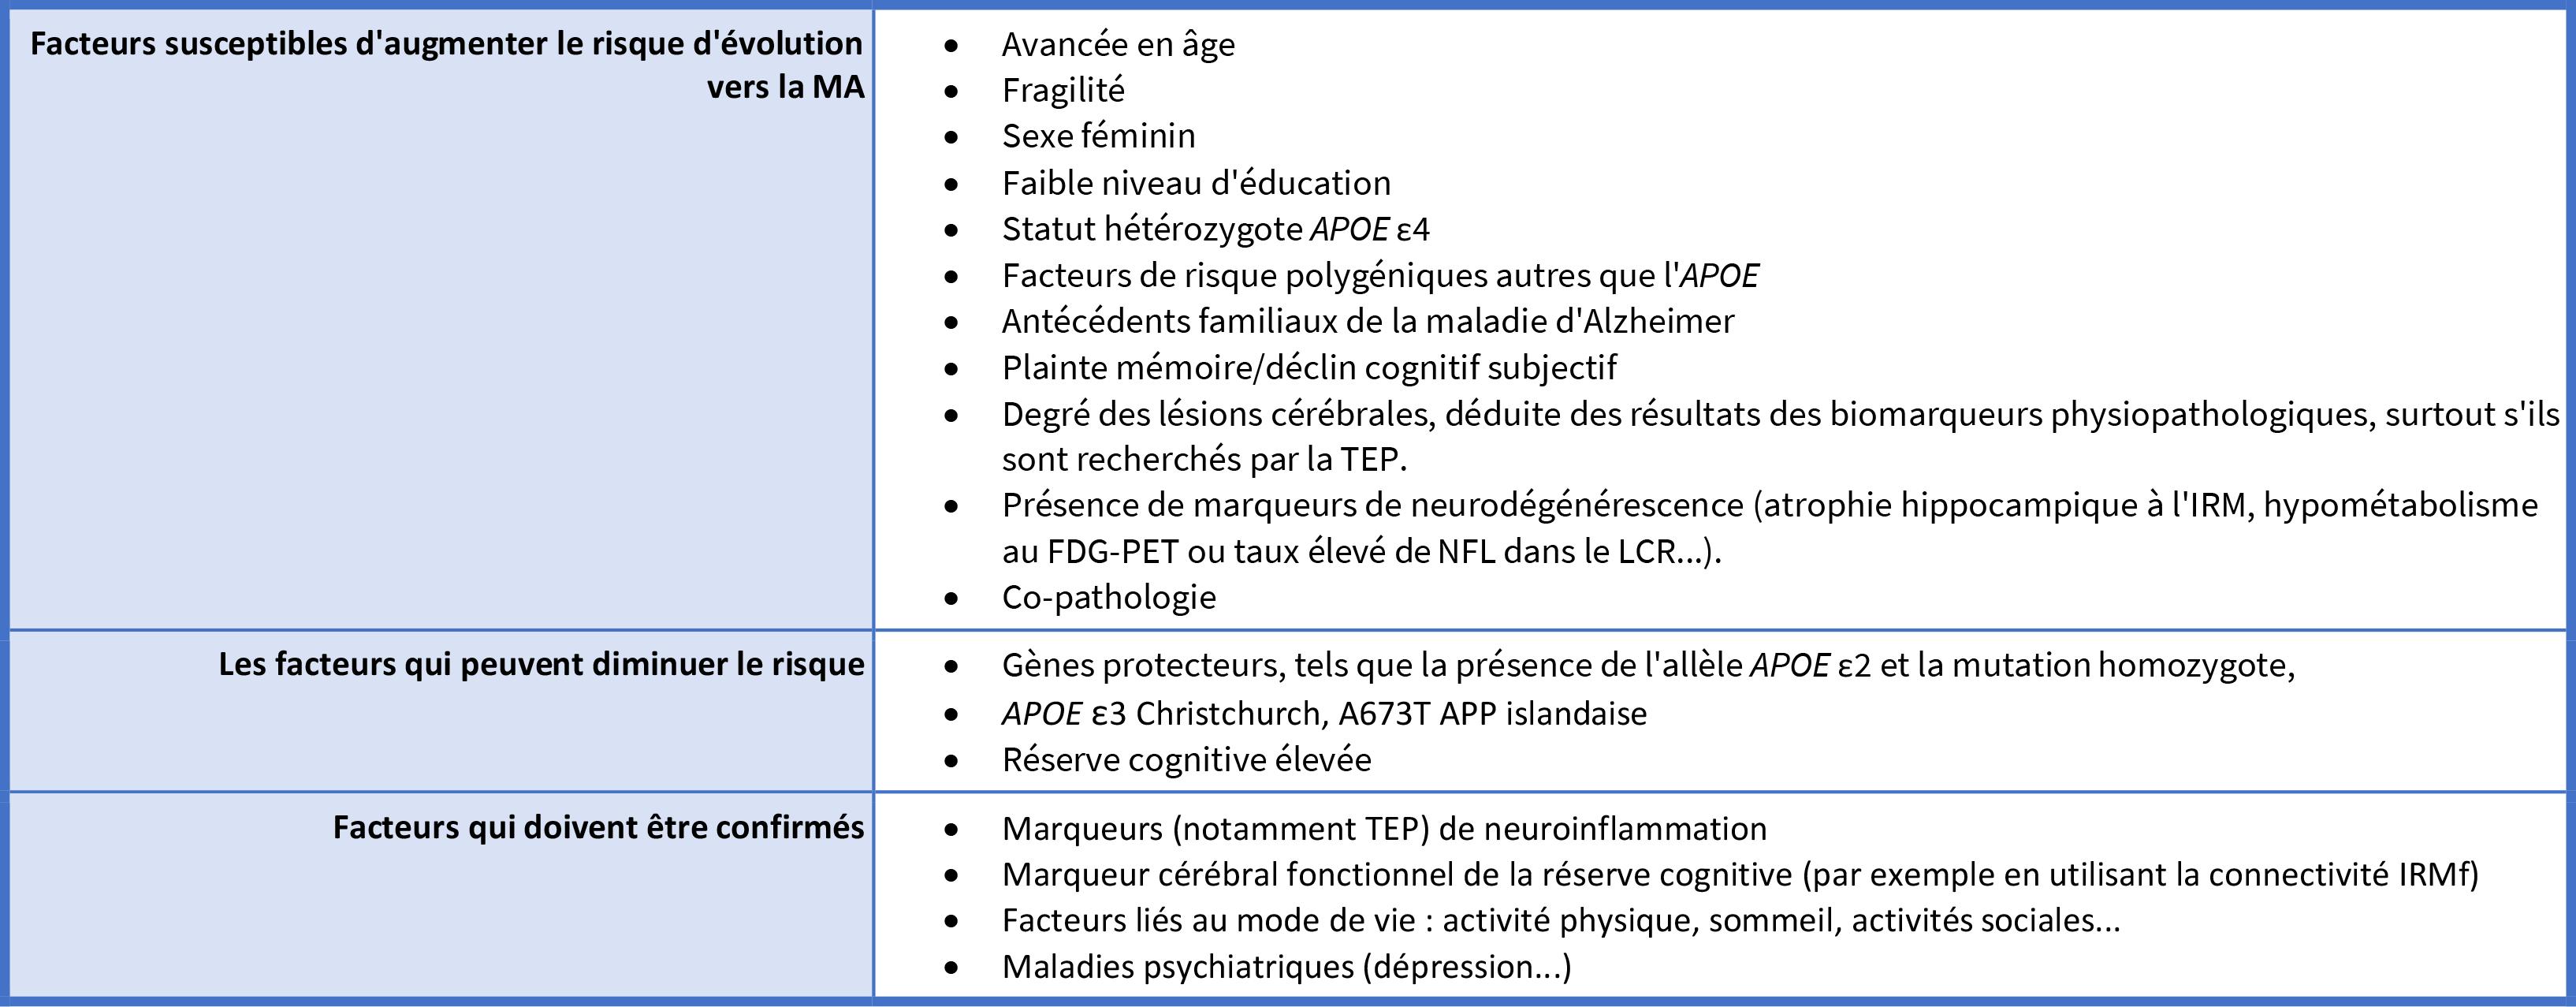 Table 3 - Vers un profil de risque personnalisé chez les sujets à risque asymptomatiques